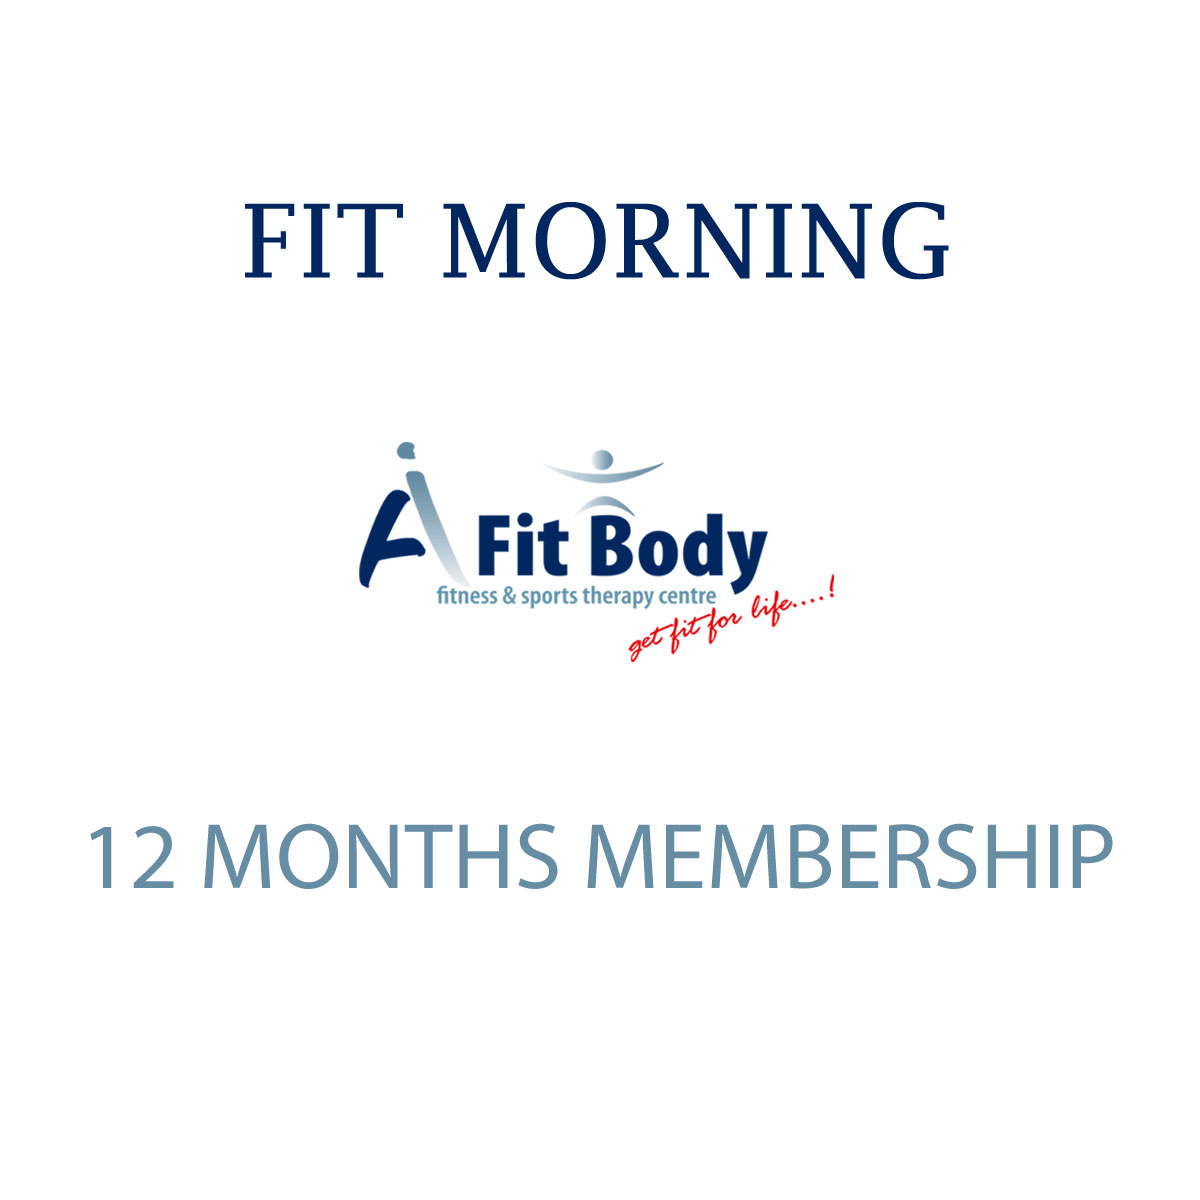 Fit Morning - 12 Months Membership